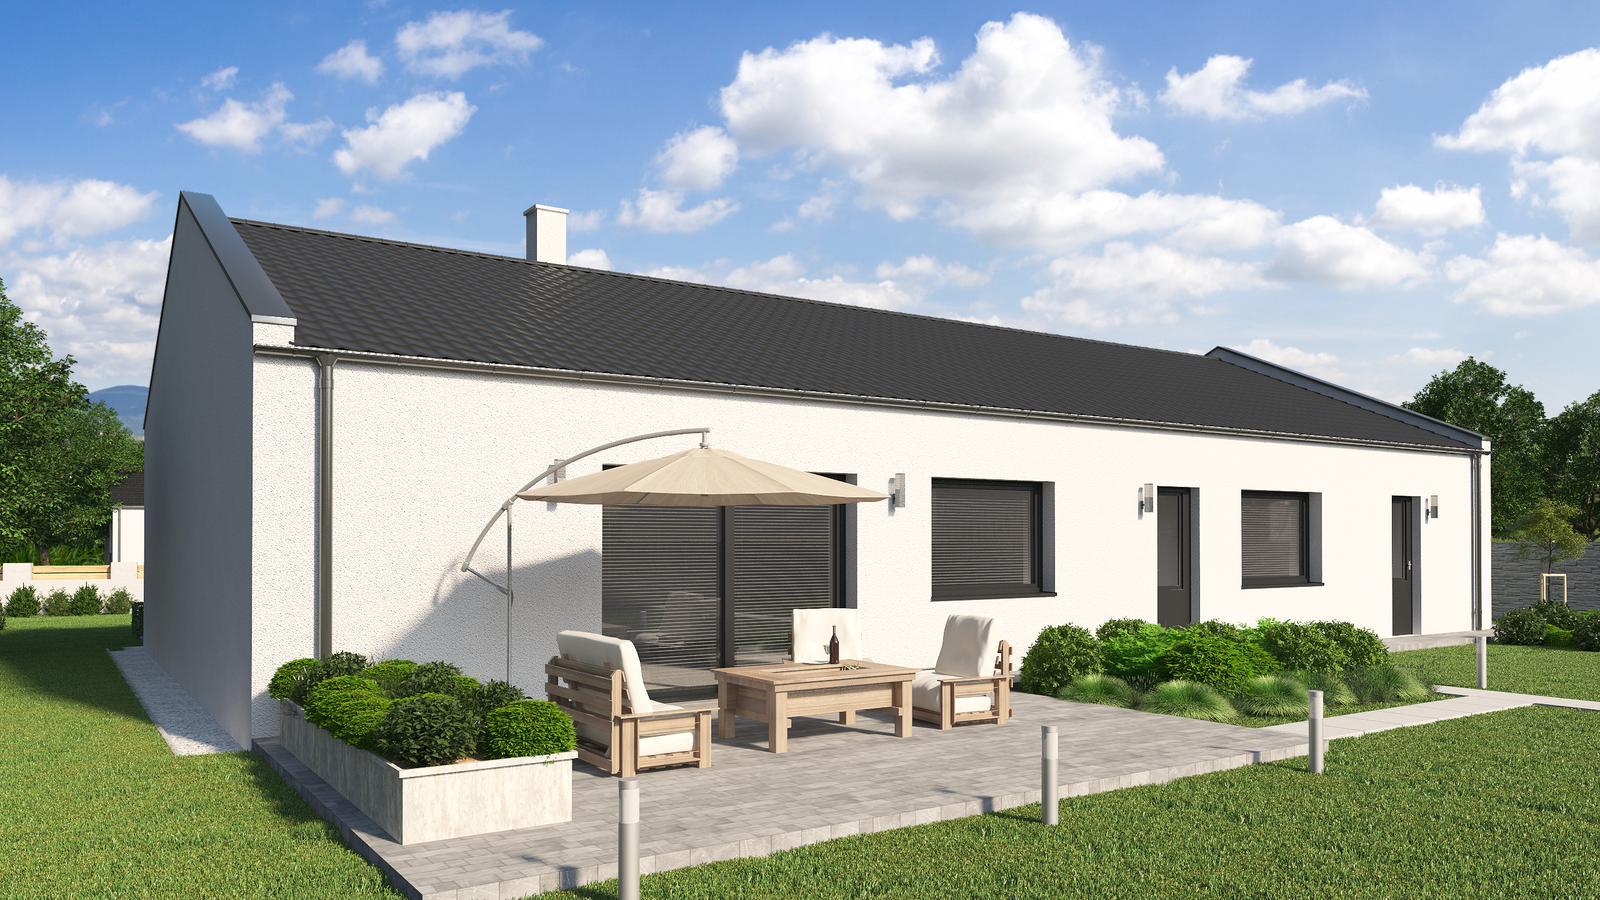 Ďalšie ukážky návrhov domčekov pre Vás - www.rodinny-dom.eu - Obrázok č. 25